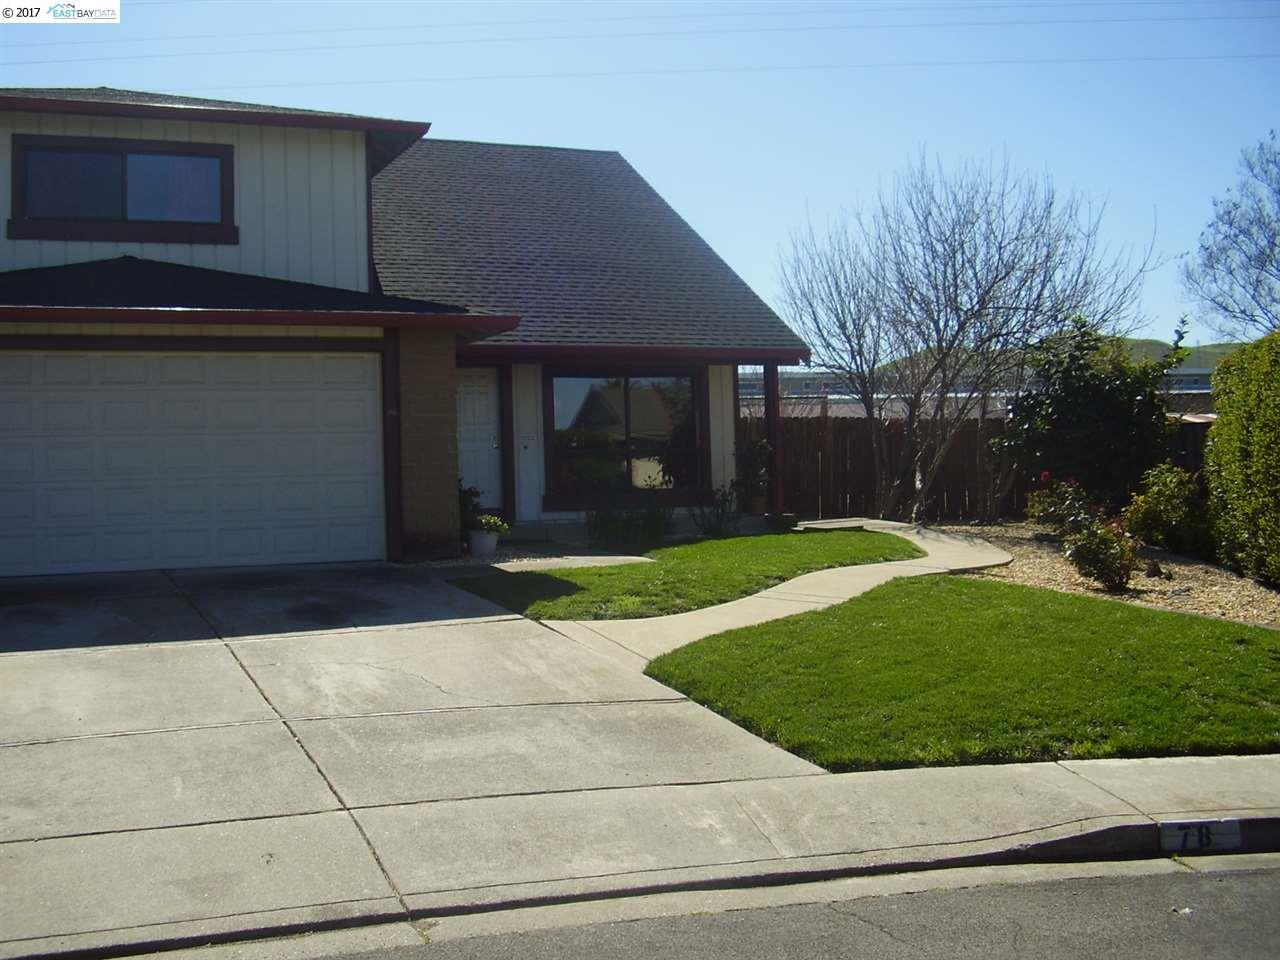 Maison unifamiliale pour l Vente à 78 Yuba Court Bay Point, Californie 94565 États-Unis